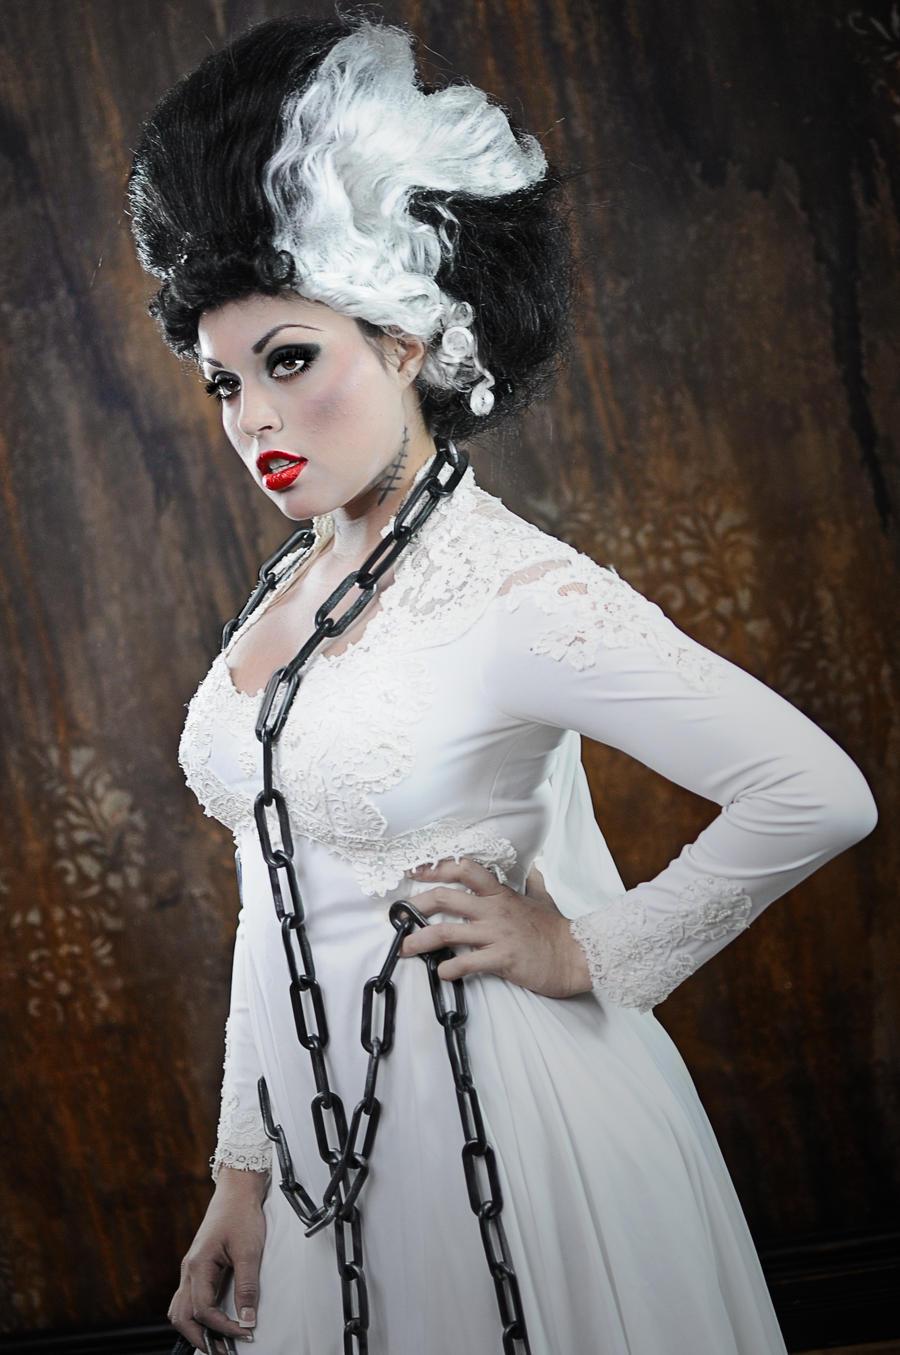 Frankenstein's Bride by hollyelizabethjane